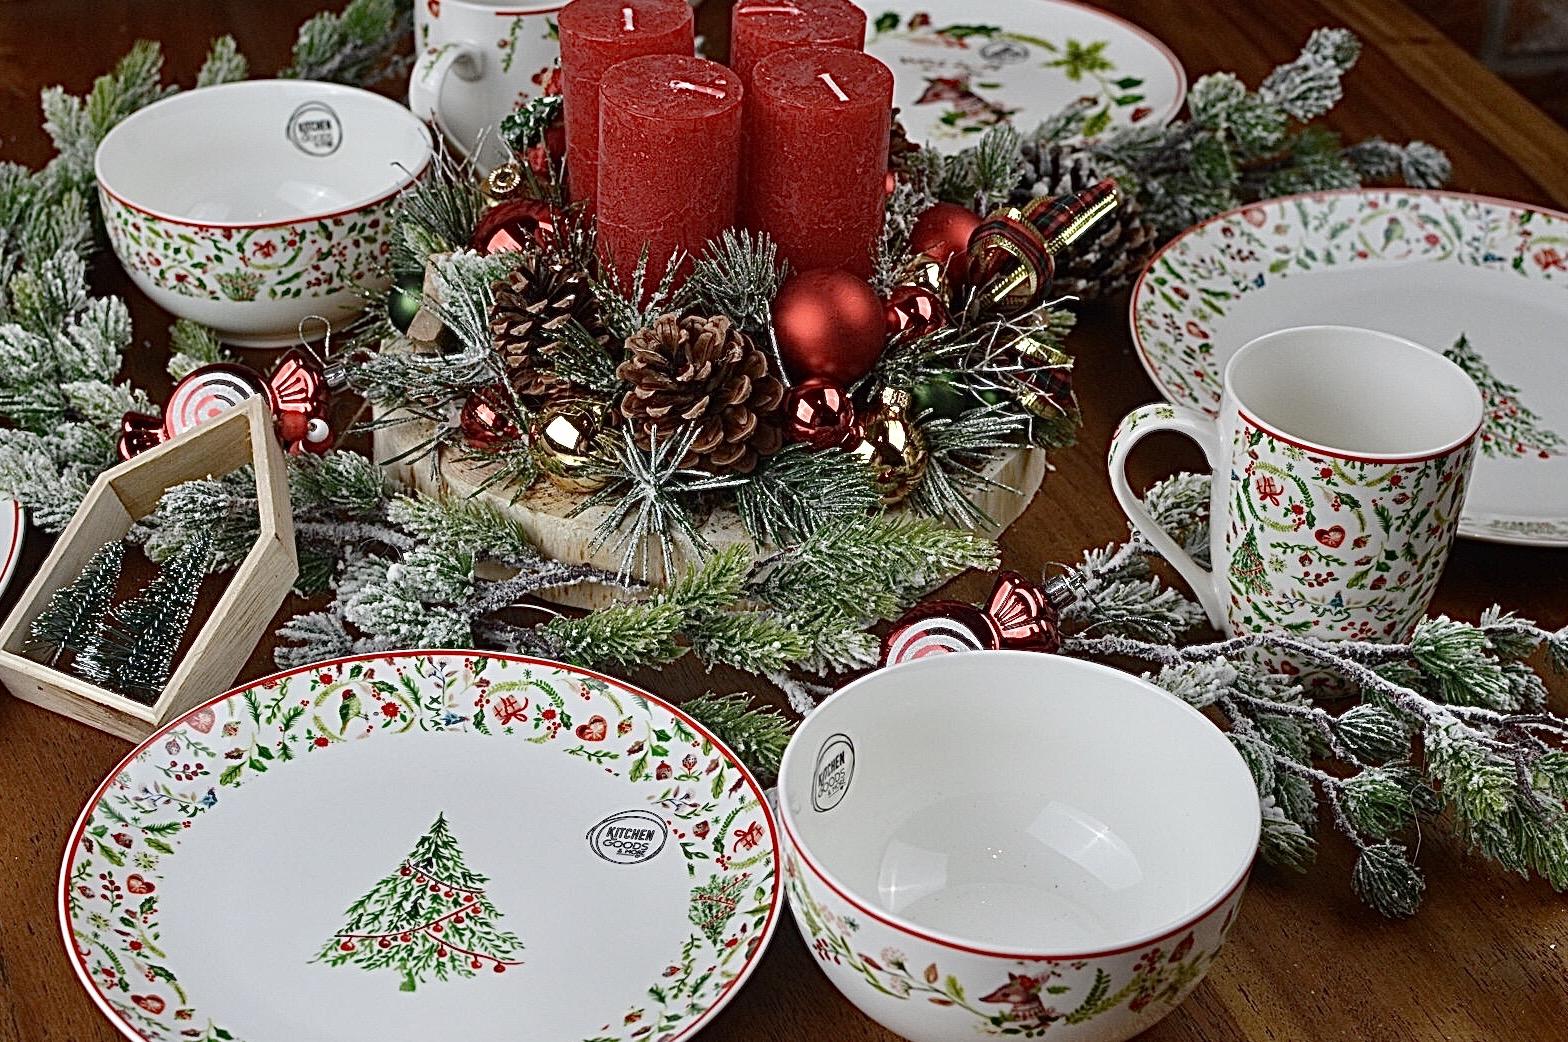 Novinky na vianočnom eshope - originálne dekorácie a textil z vlastnej dielne